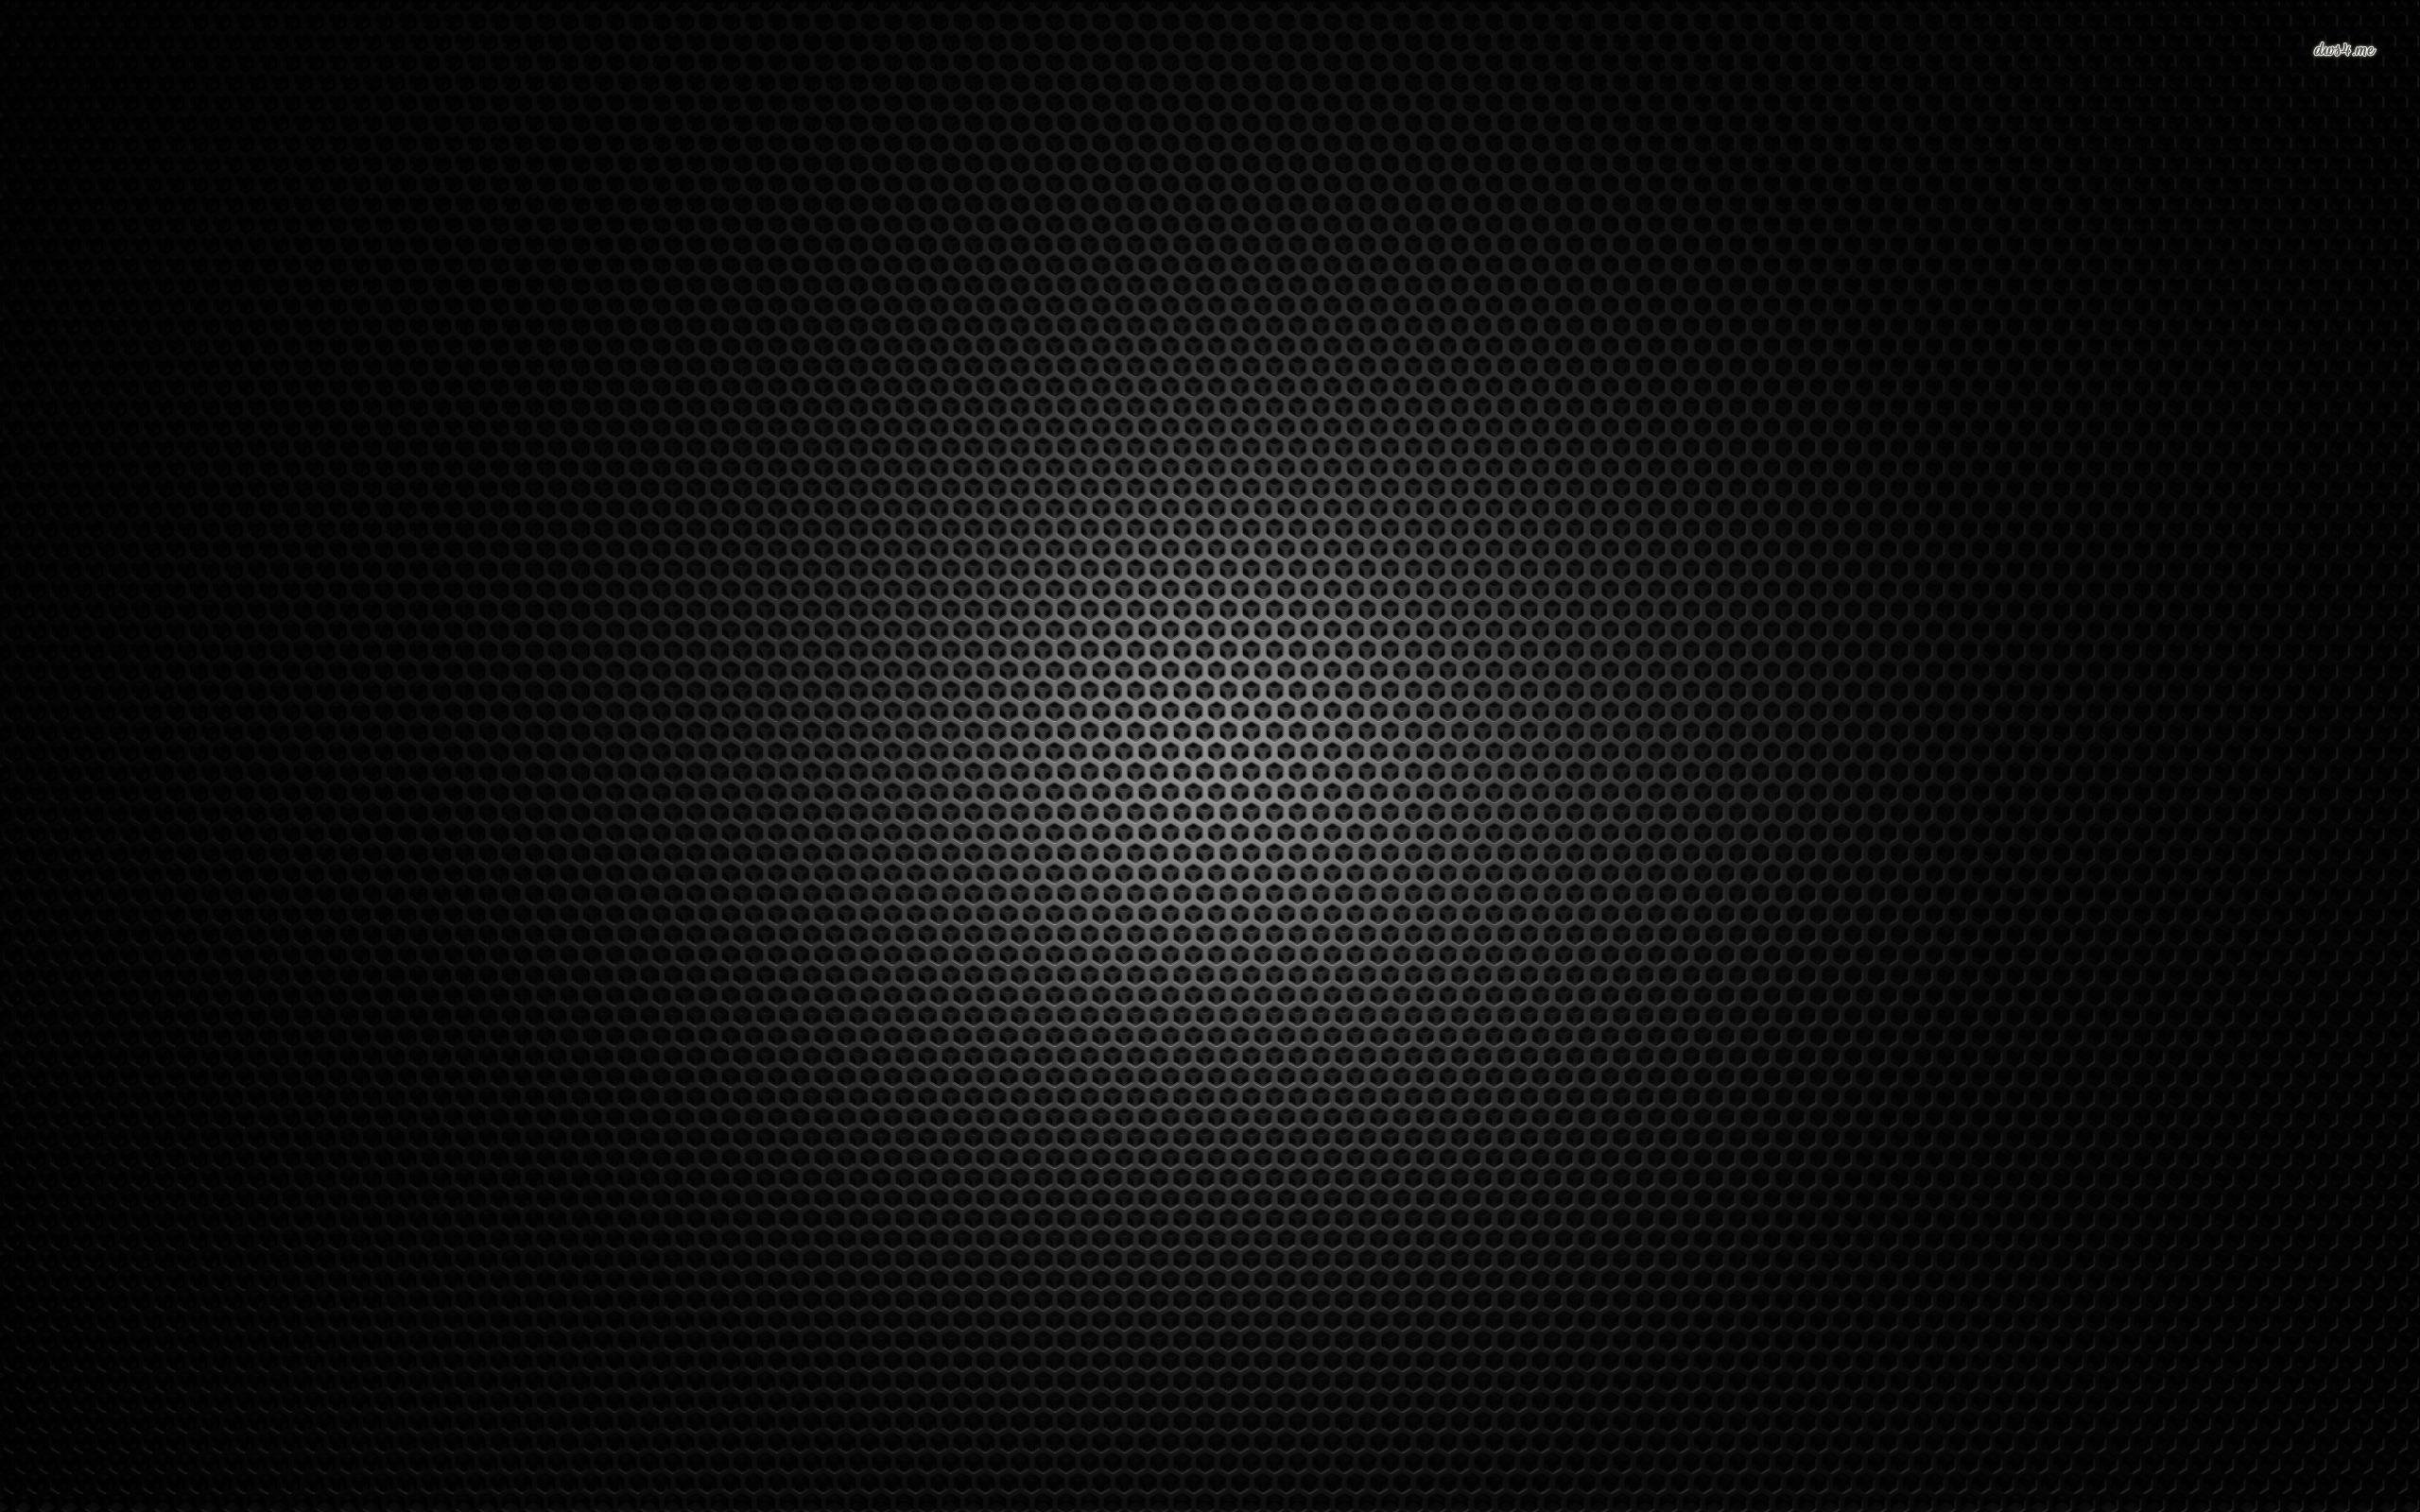 Real Carbon Fiber Wallpaper like carbon fib...